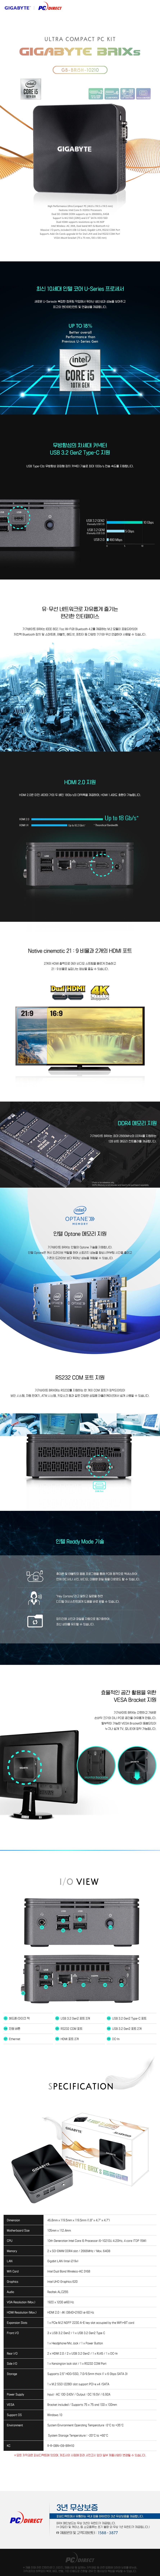 GIGABYTE BRIX GB-BRi5H-10210 SSD 피씨디렉트 (16GB, SSD 120GB)